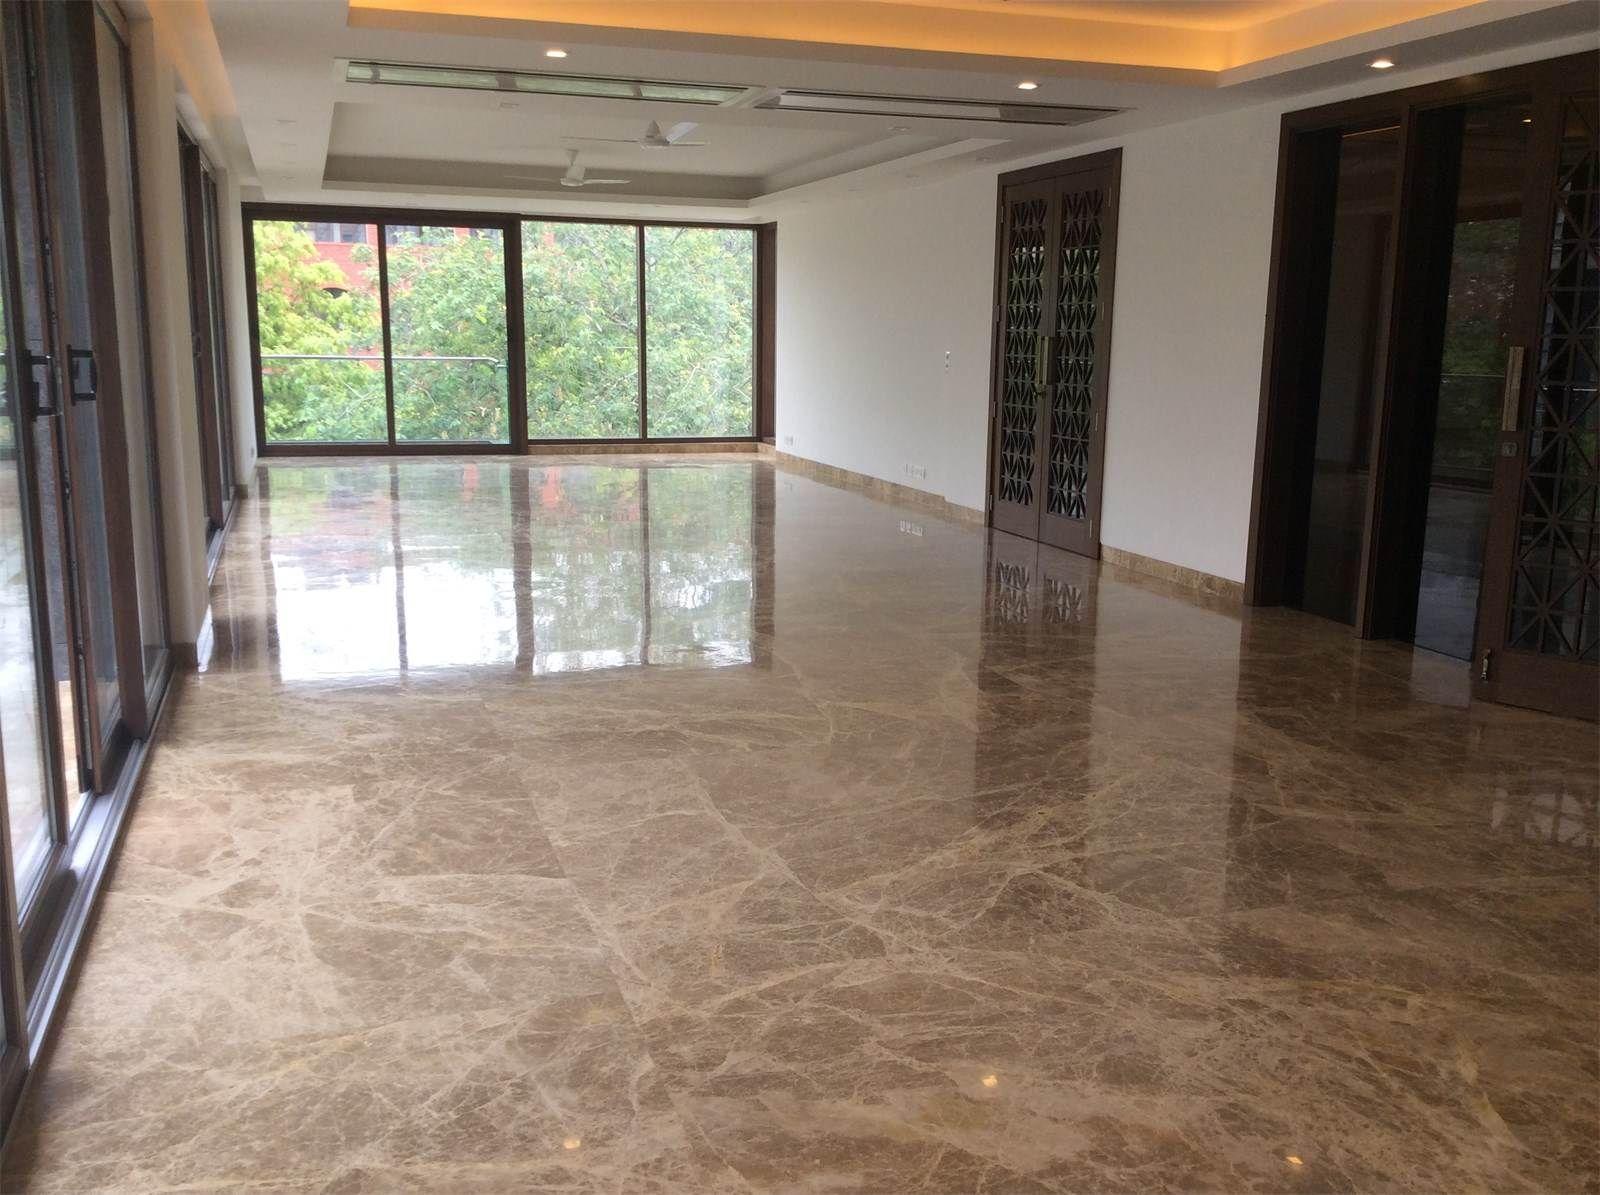 Apartment for sale at New Delhi, Delhi, 110057 India